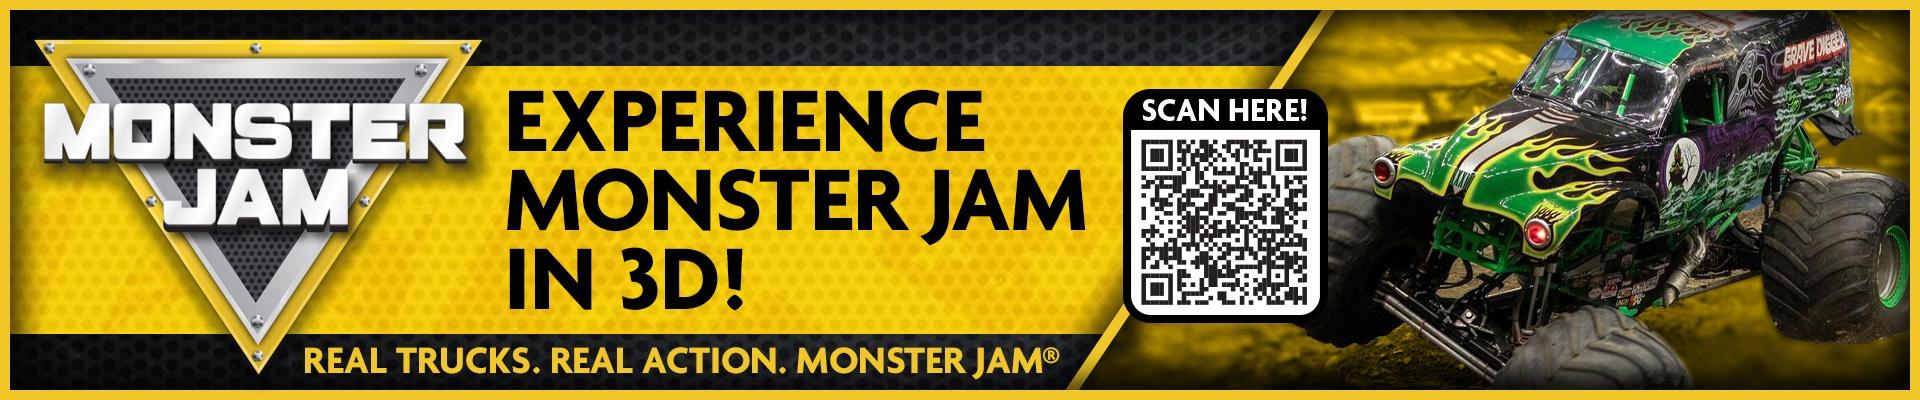 MJ Spin Master AR Activation